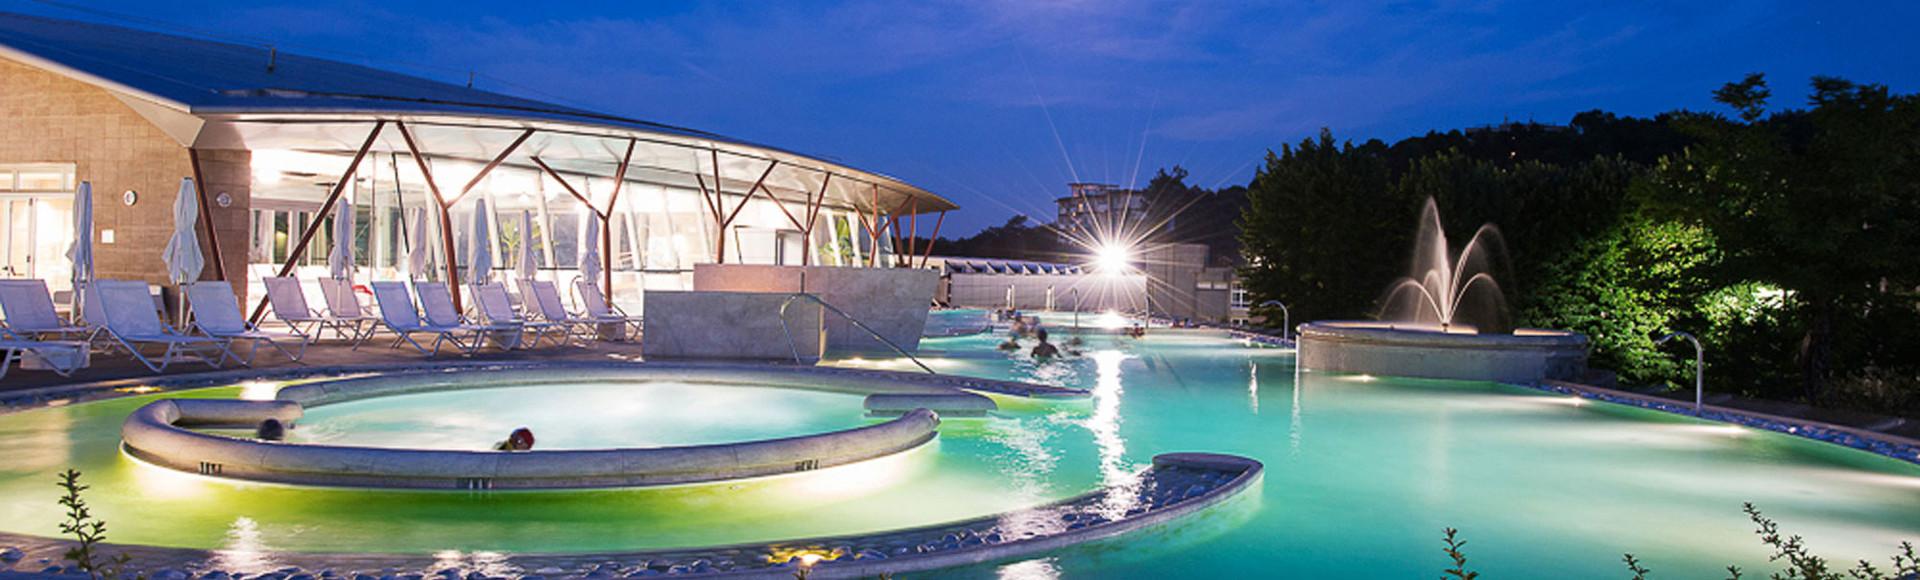 Le piscine termali